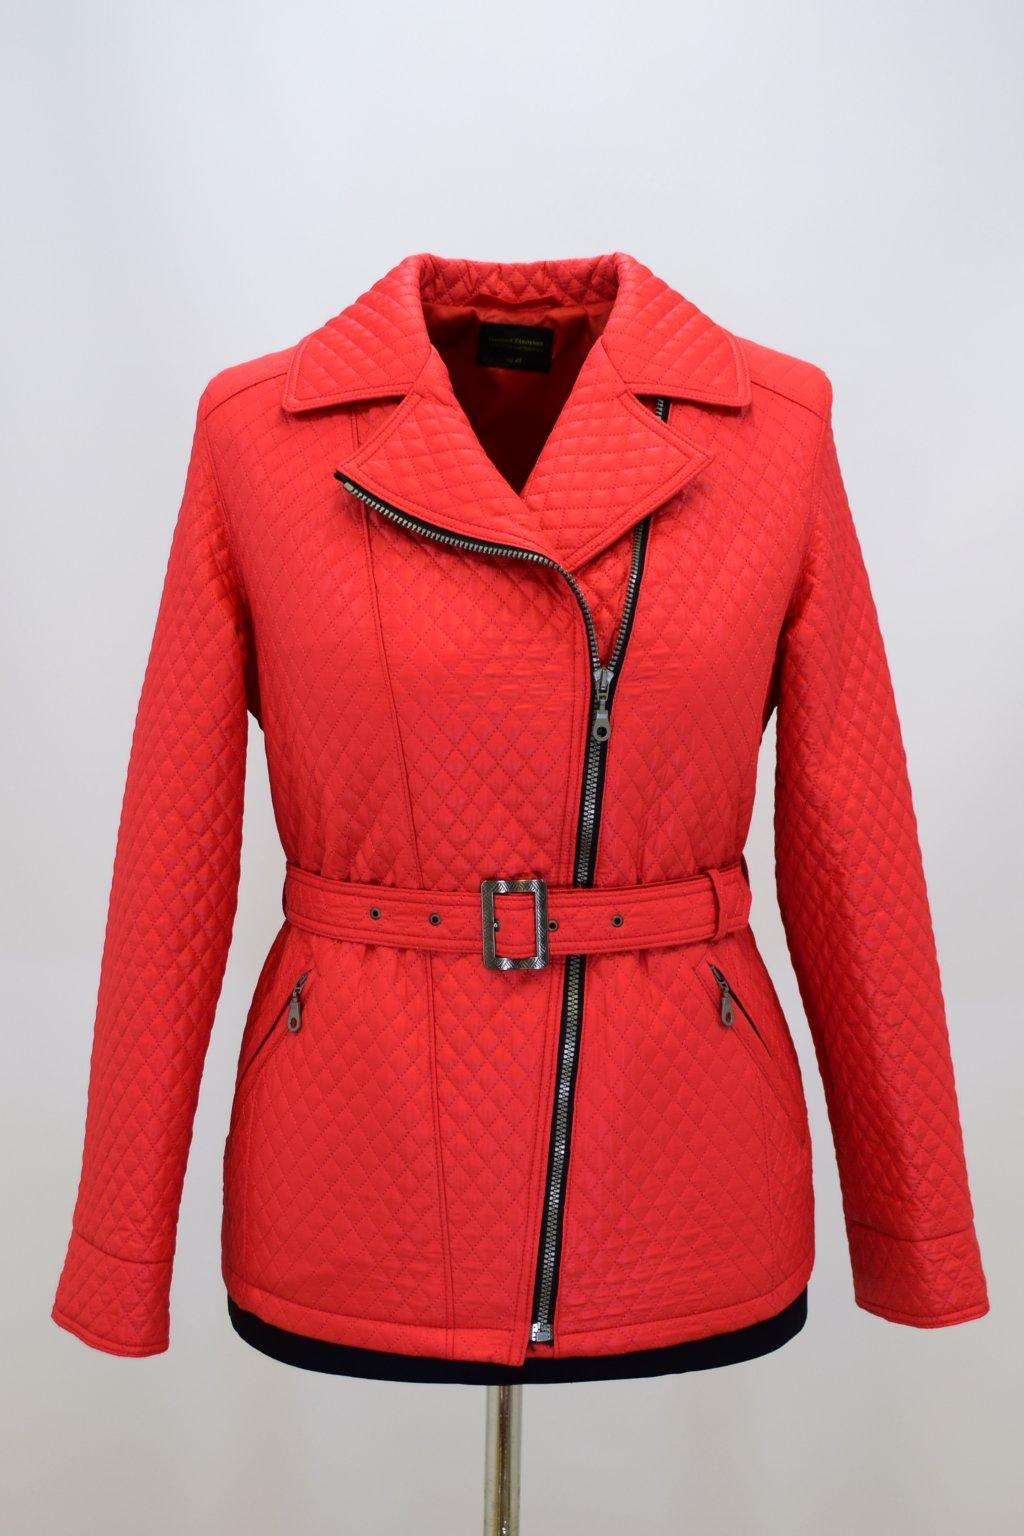 Dámský přechodový červený kabátek Zora nadměrné velikosti